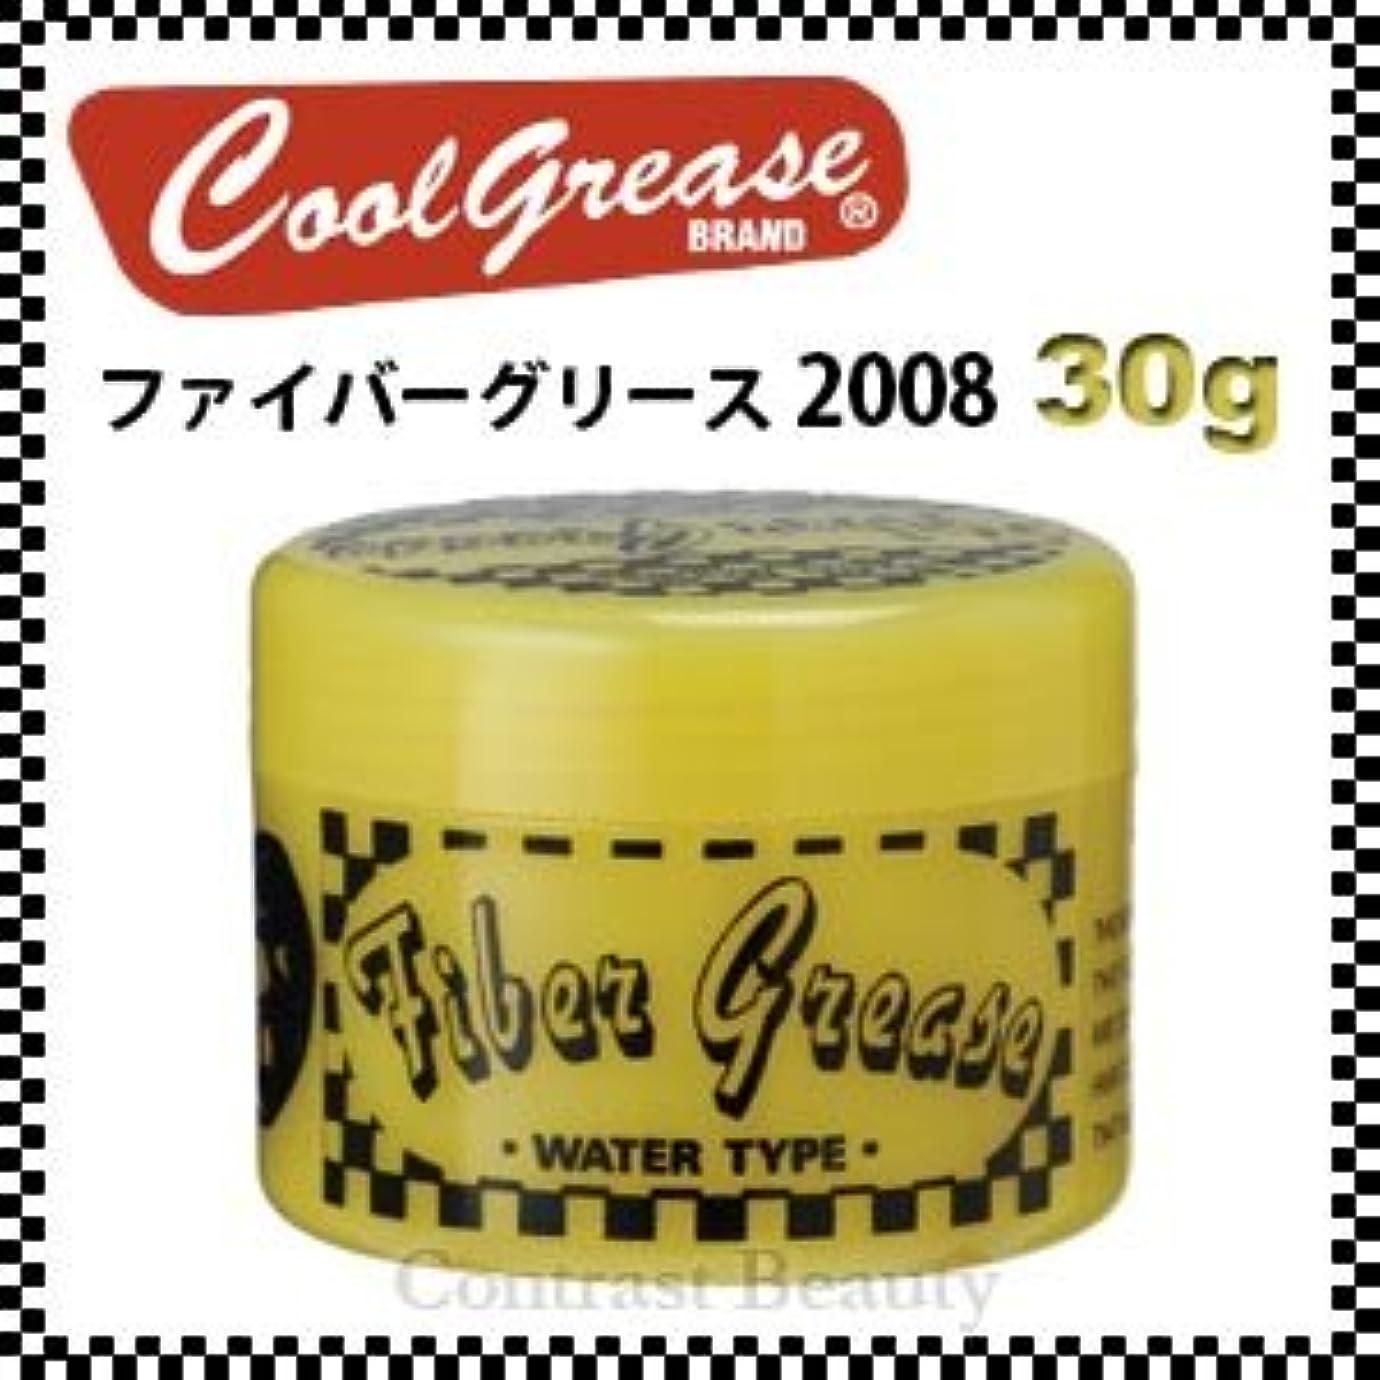 勝利夕食を食べるもう一度【X3個セット】 阪本高生堂 ファイバーグリース 2008 30g